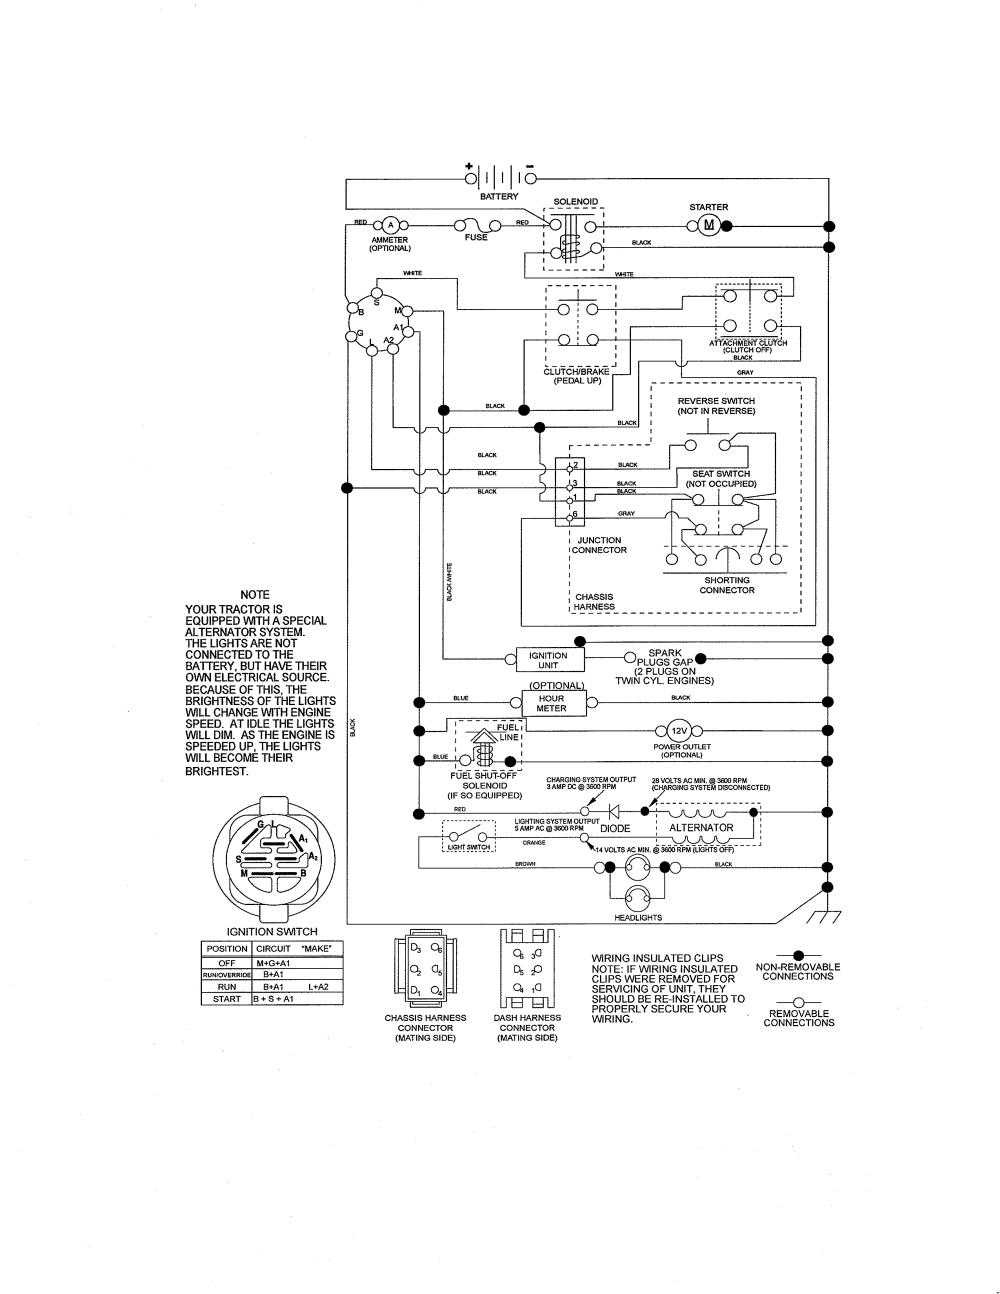 medium resolution of sear craftsman lawn tractor wiring diagram